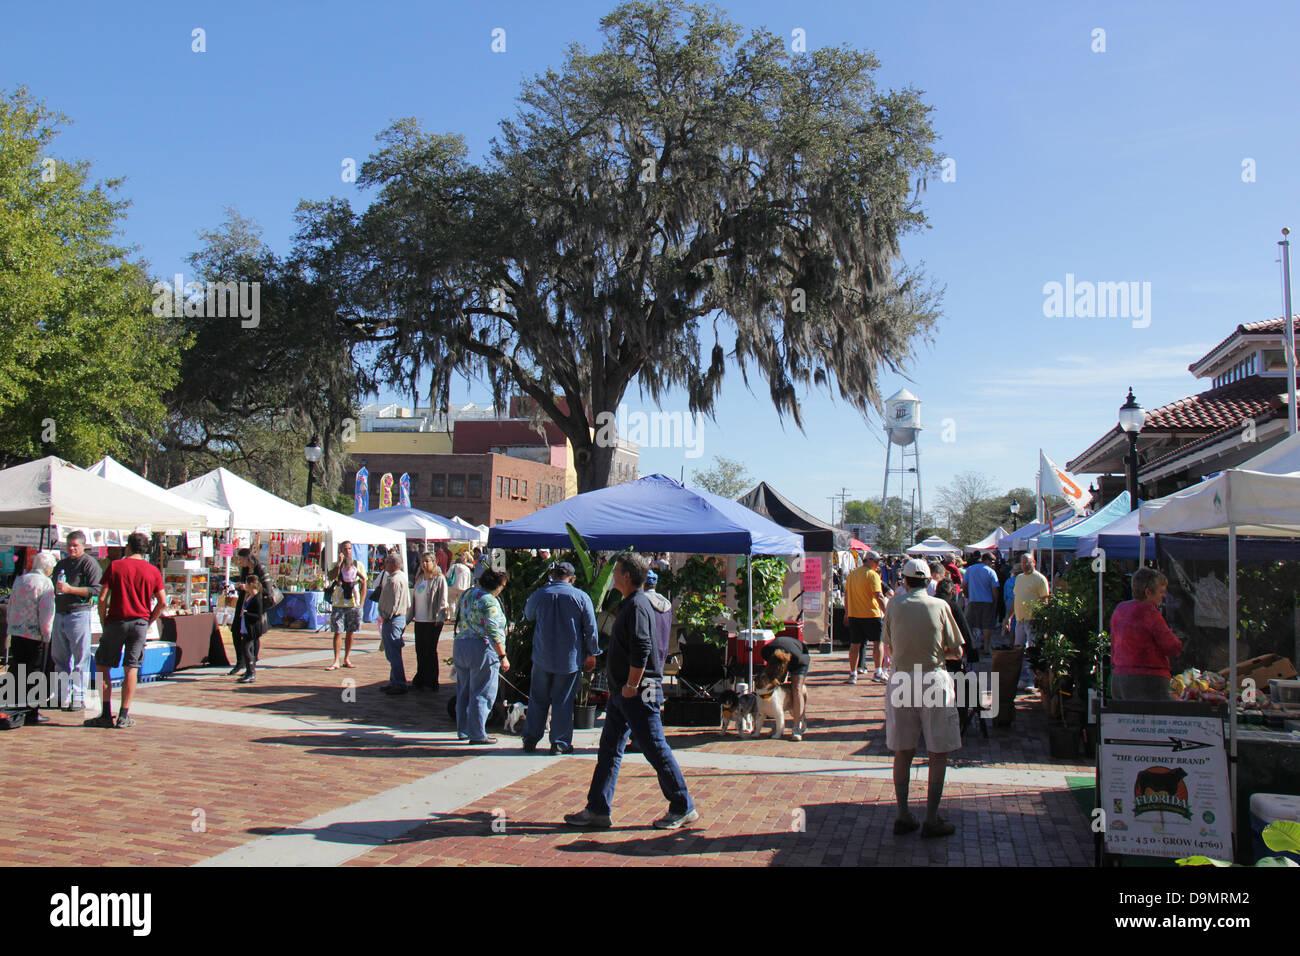 Bauernmarkt am Wintergarten, Orange County, Florida. Stockfoto